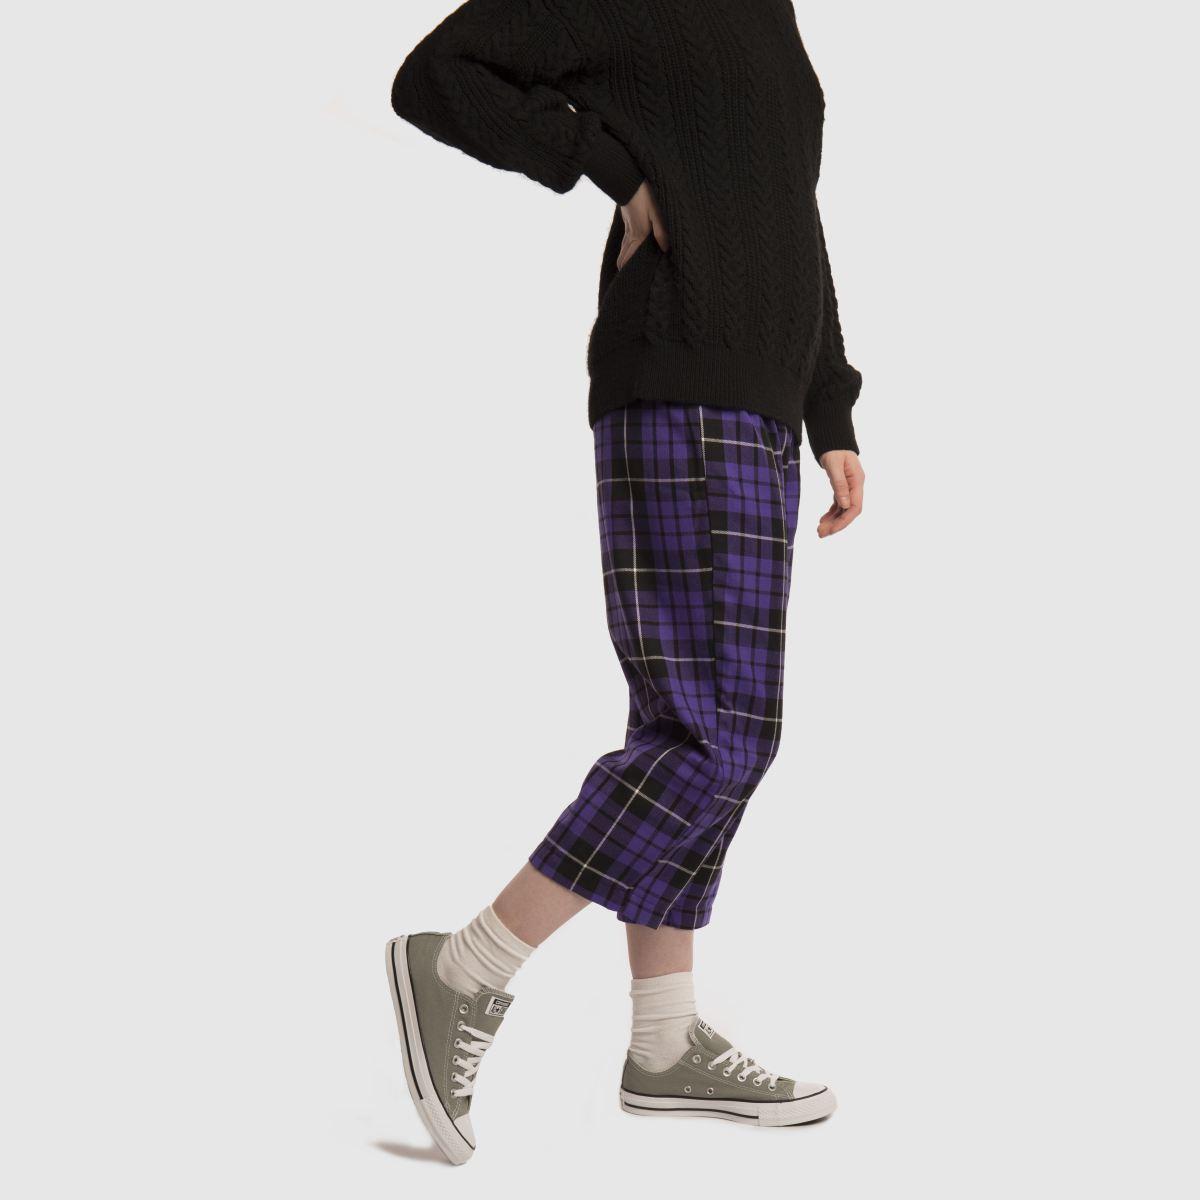 Damen Khaki converse All Star Mineral Shades Ox Sneaker   schuh Gute Qualität beliebte Schuhe